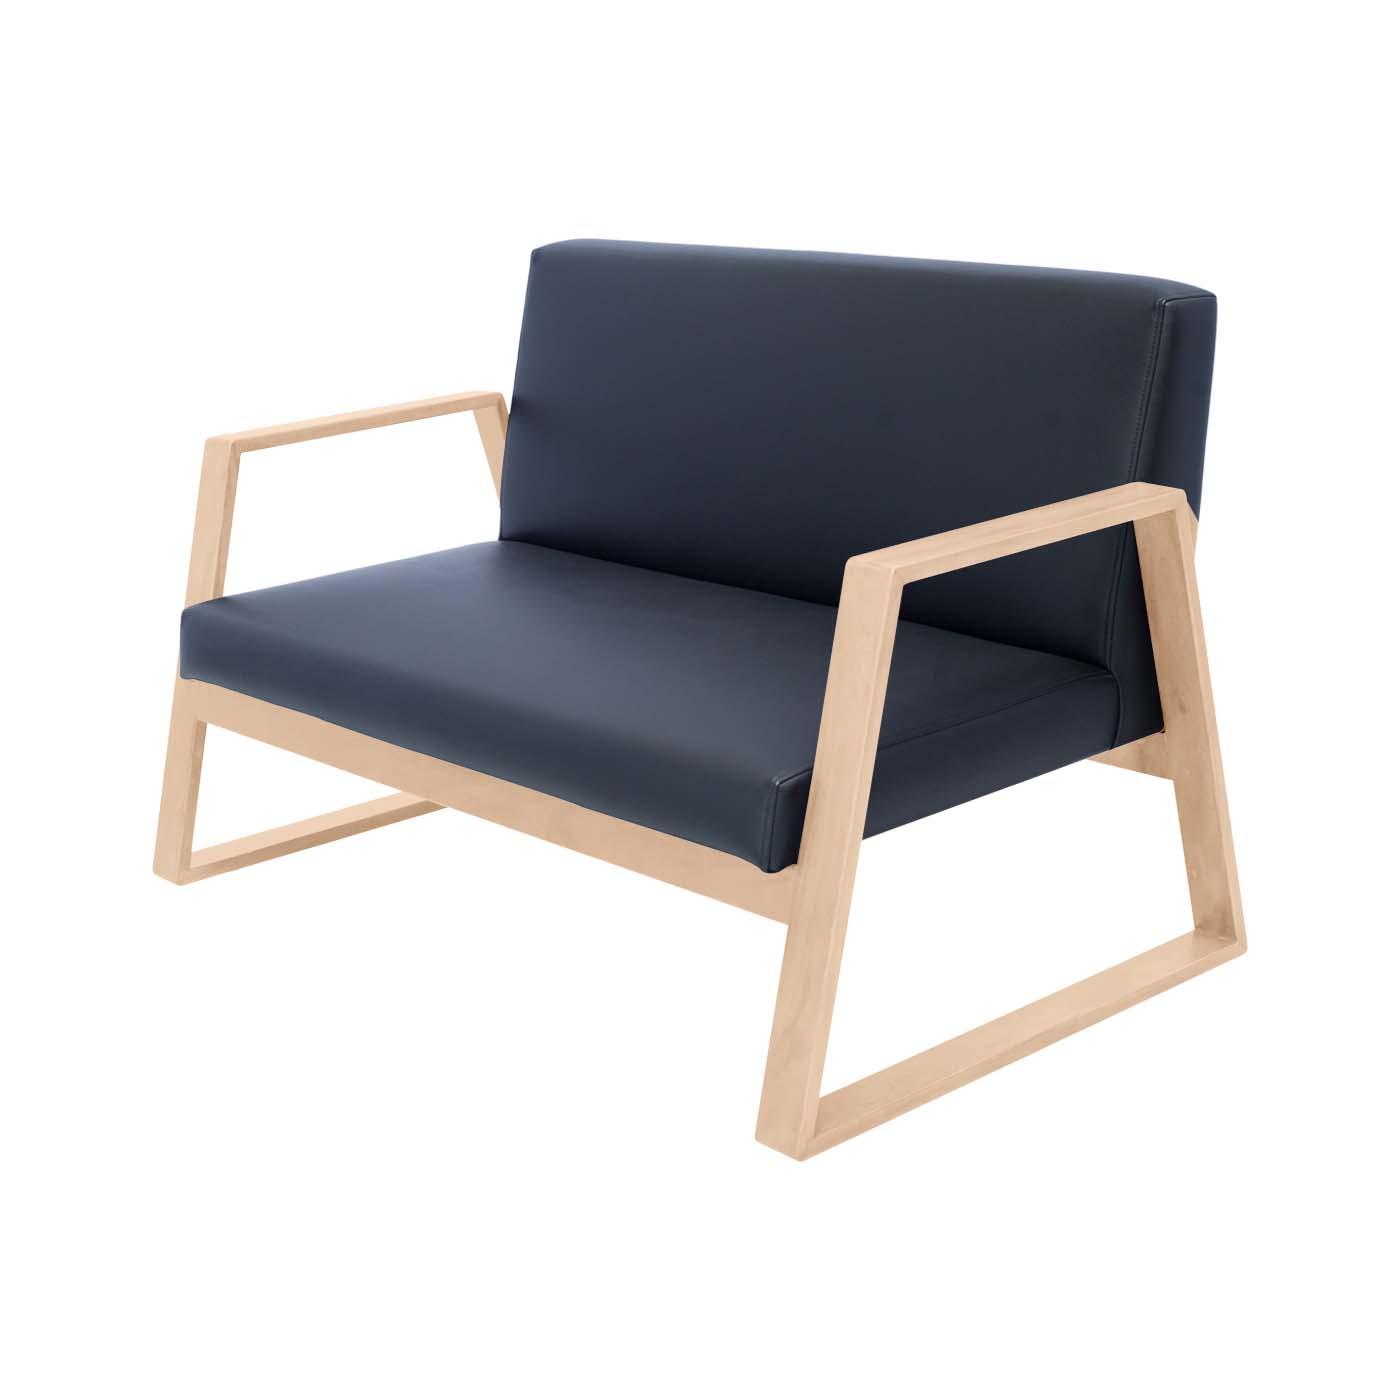 Mukō Black Light Double Sofa